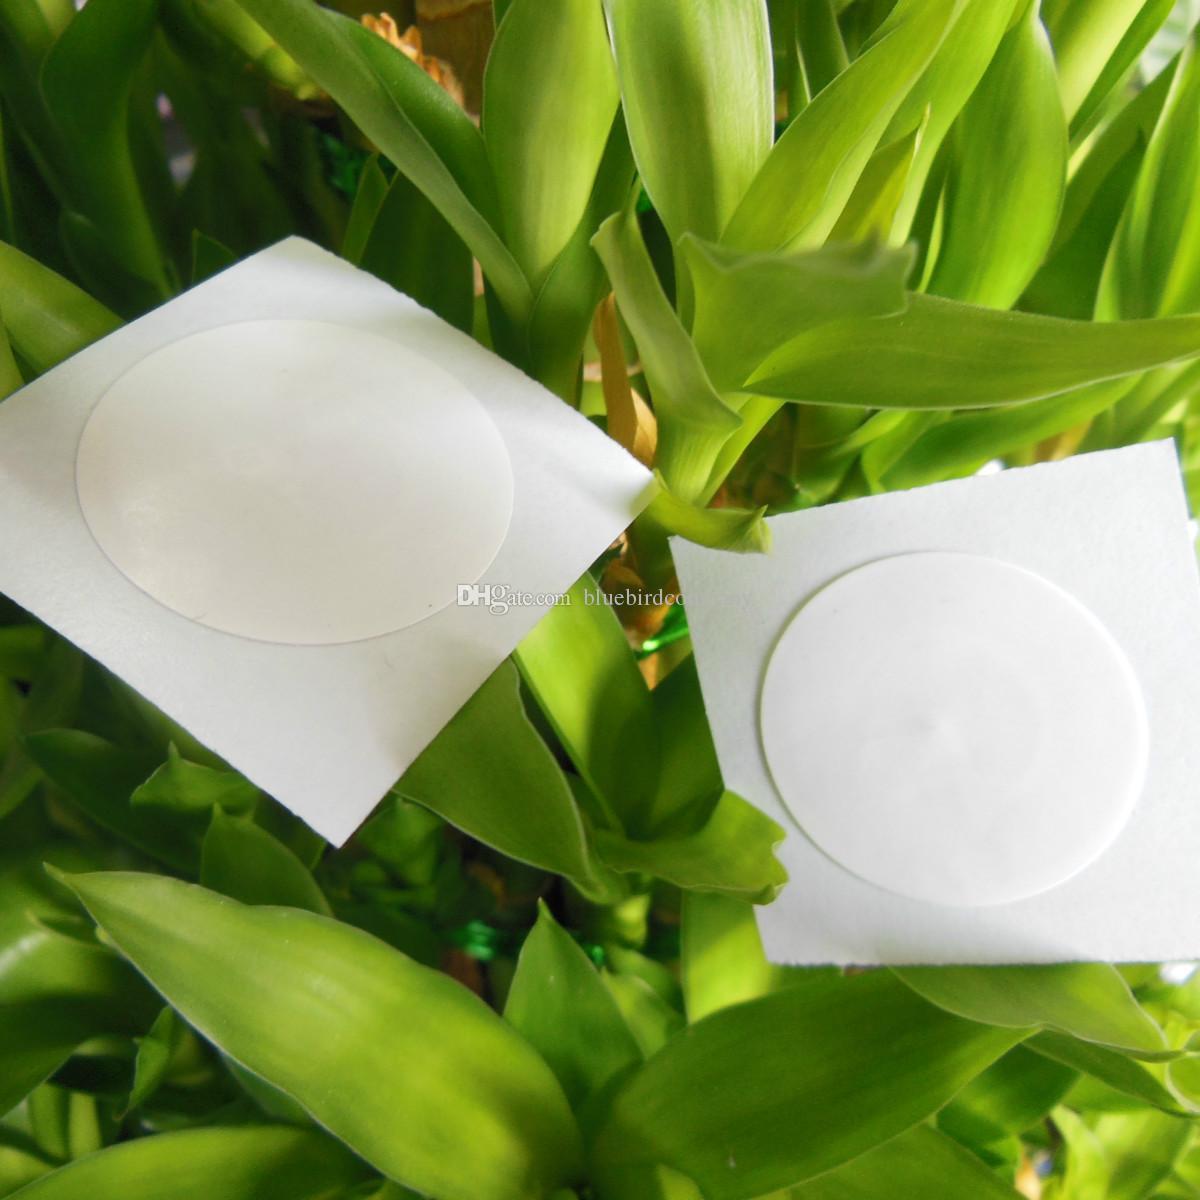 50pcs / lot NTAG215 NFC TAG NFC Forum di tipo 2 Tag Tutti NFC telefono disponibili etichette adesive Dia.25mm